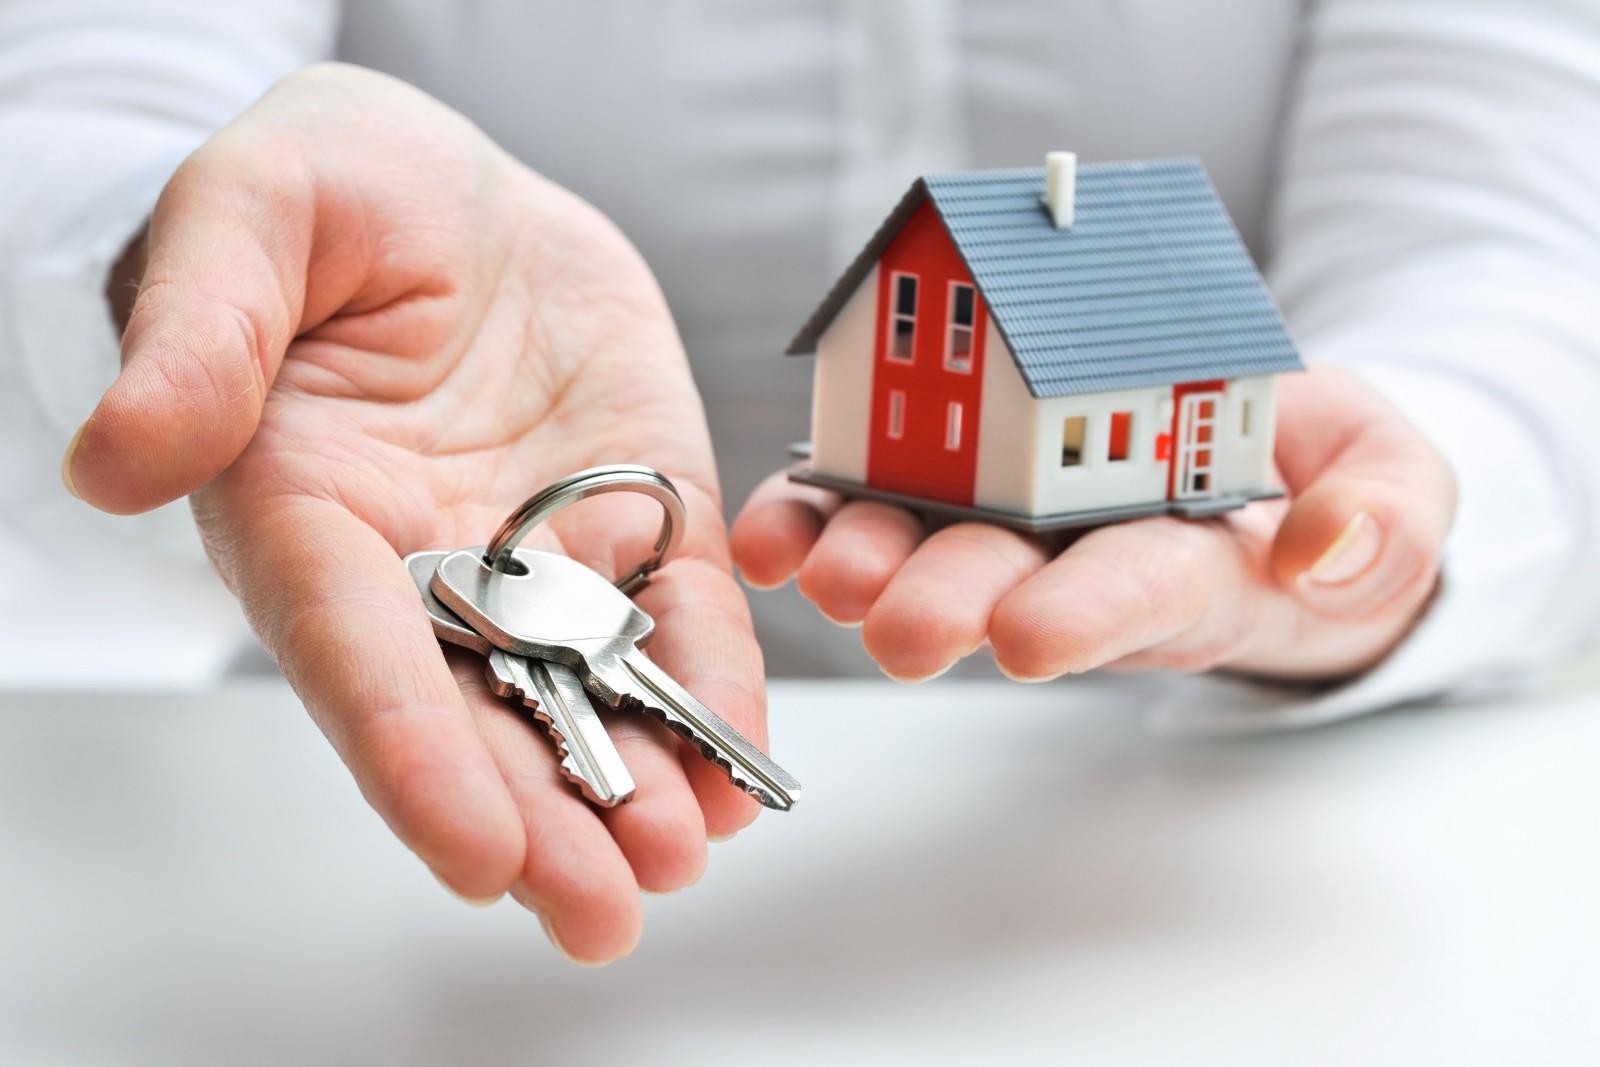 Nógrád megyében 4-6 év elegendő az ingatlanvásárláshoz